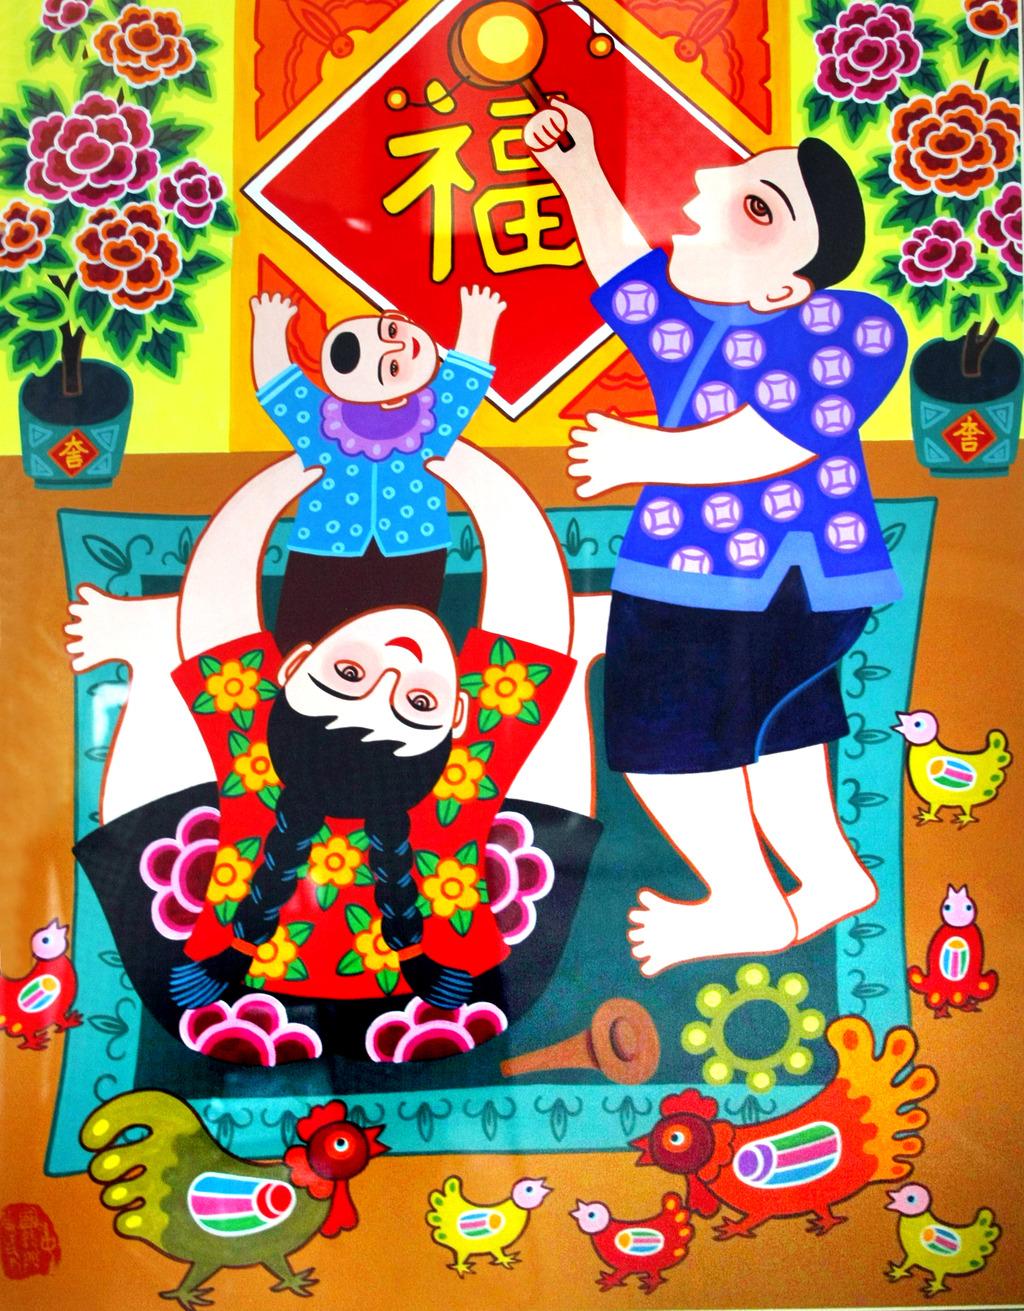 中国重彩画 美术绘画 墙画 客厅挂画 家居装饰画 餐厅装饰画 会所图片